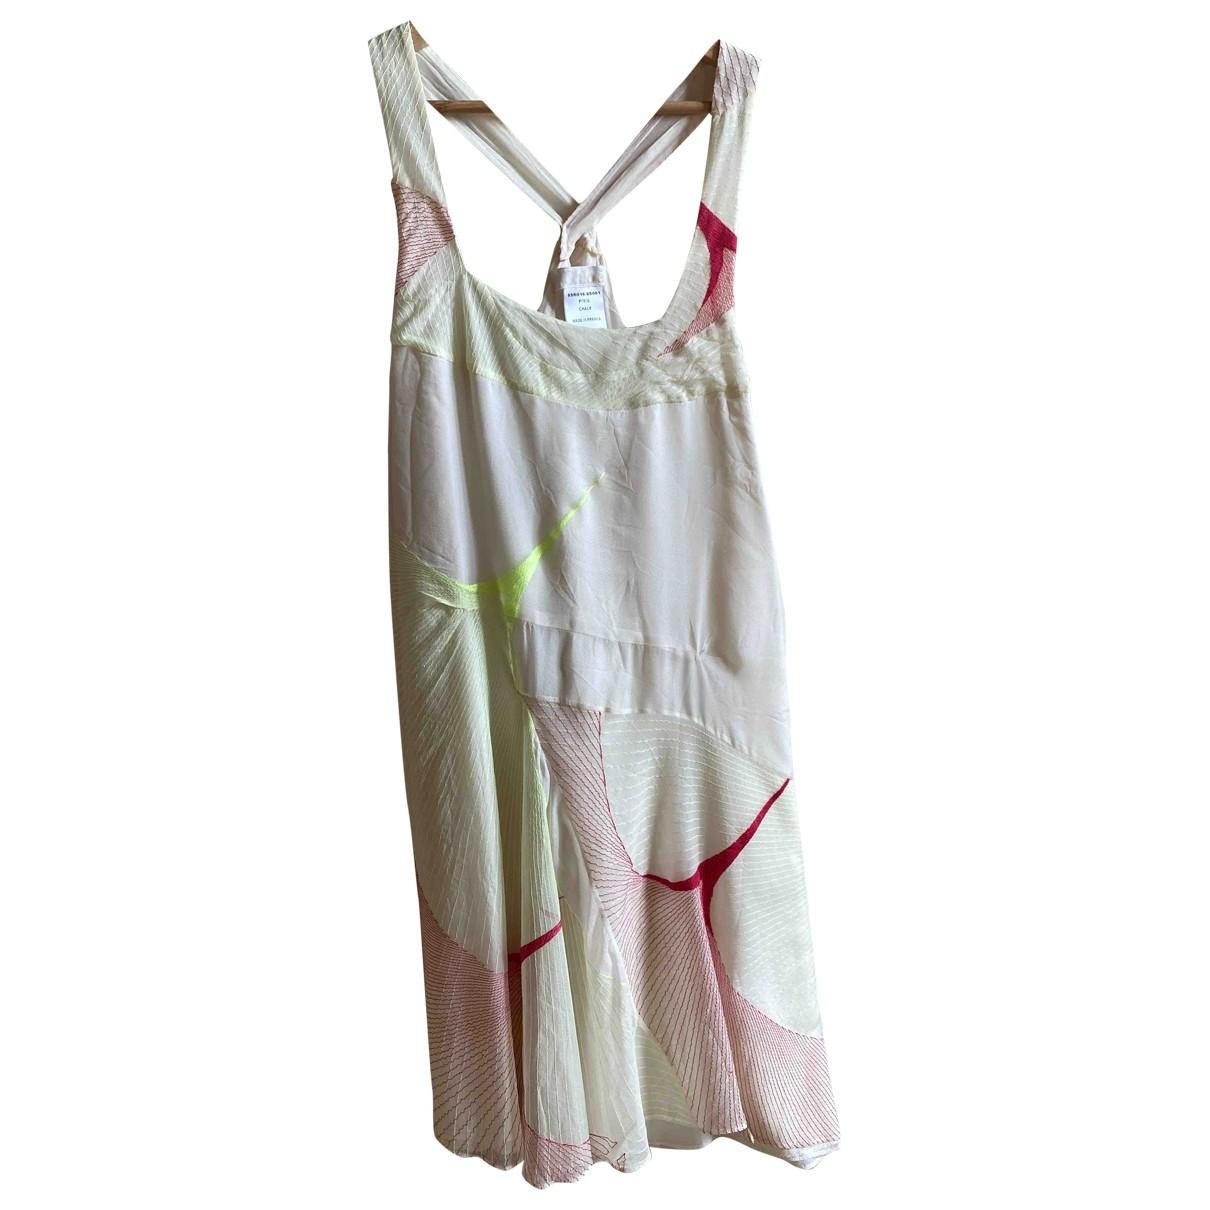 Chloe - Robe   pour femme en soie - multicolore